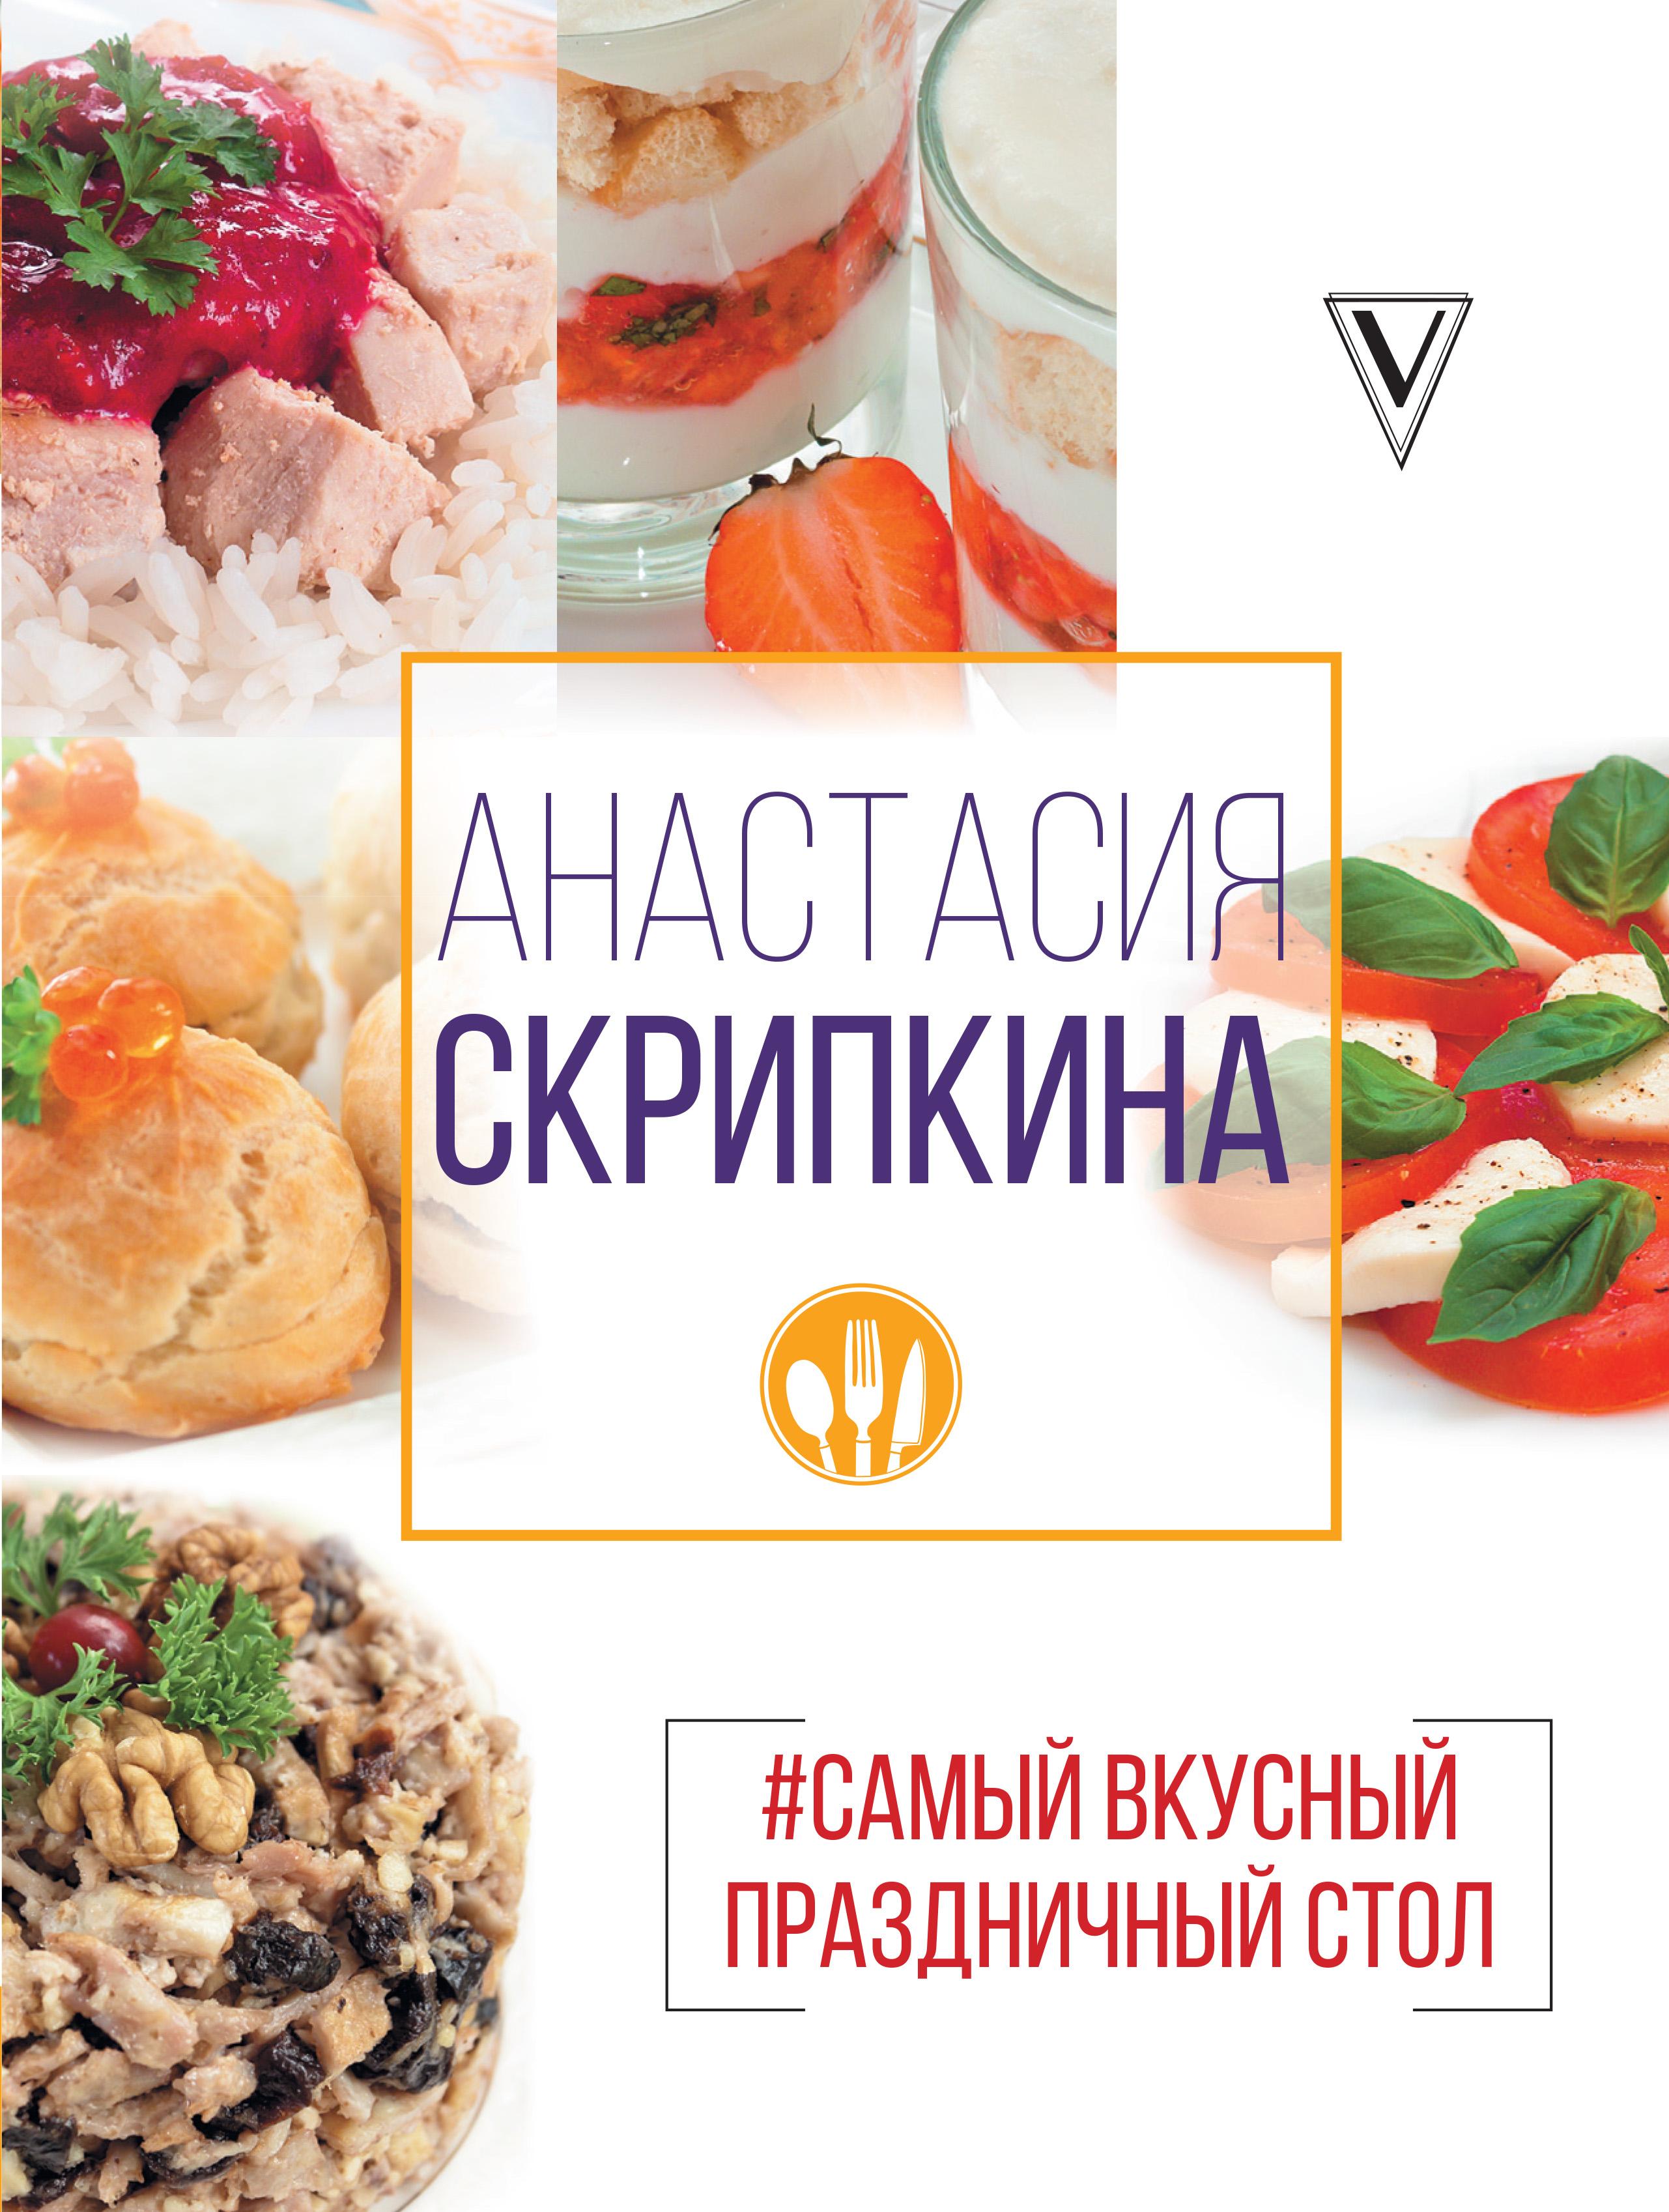 Анастасия Скрипкина #Самый вкусный праздничный стол